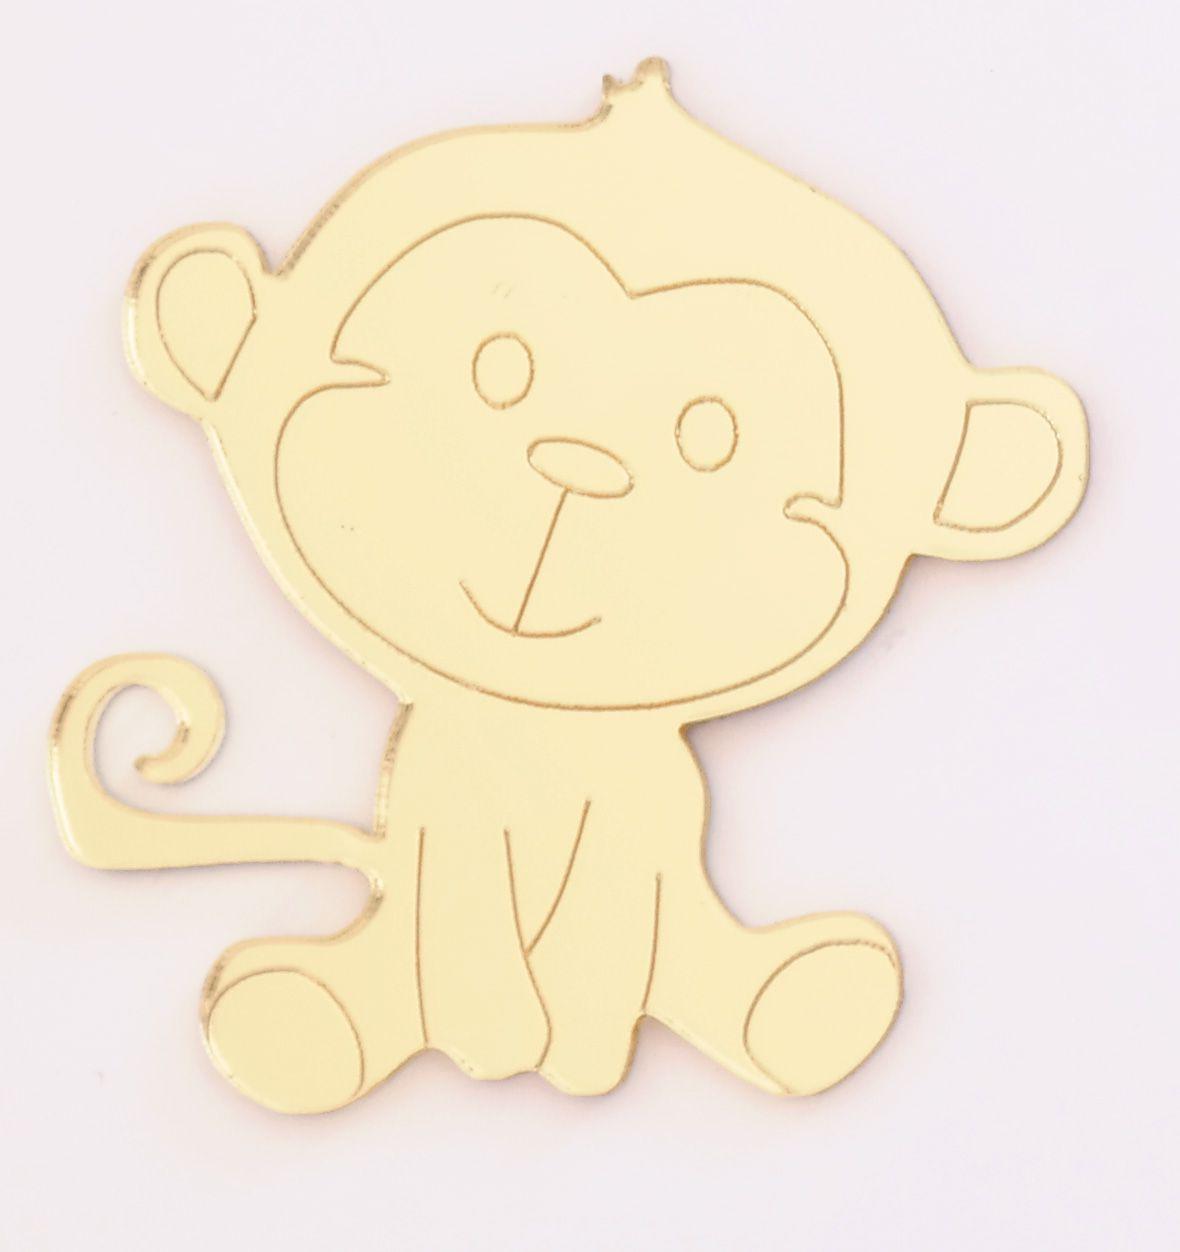 Aplique em acrílico espelhado - Macaco - 5cm - 10 peças